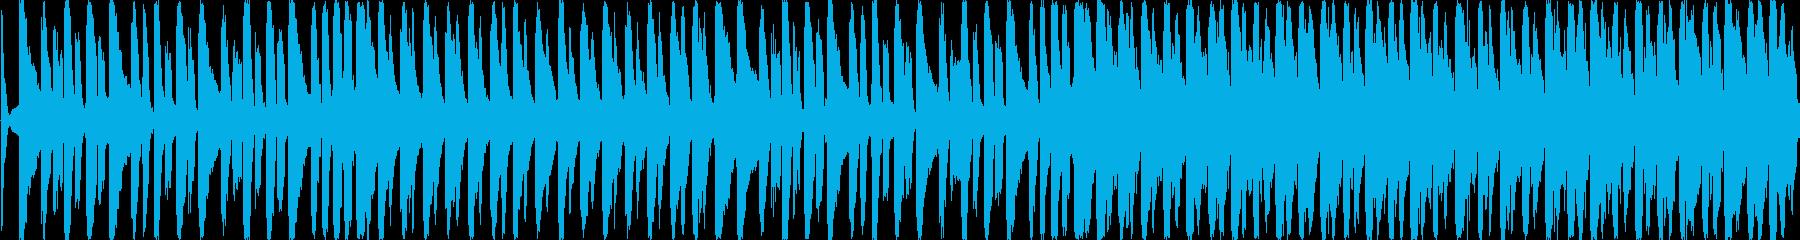 モーツァルトのテーマ。ロンド・ヴェ...の再生済みの波形